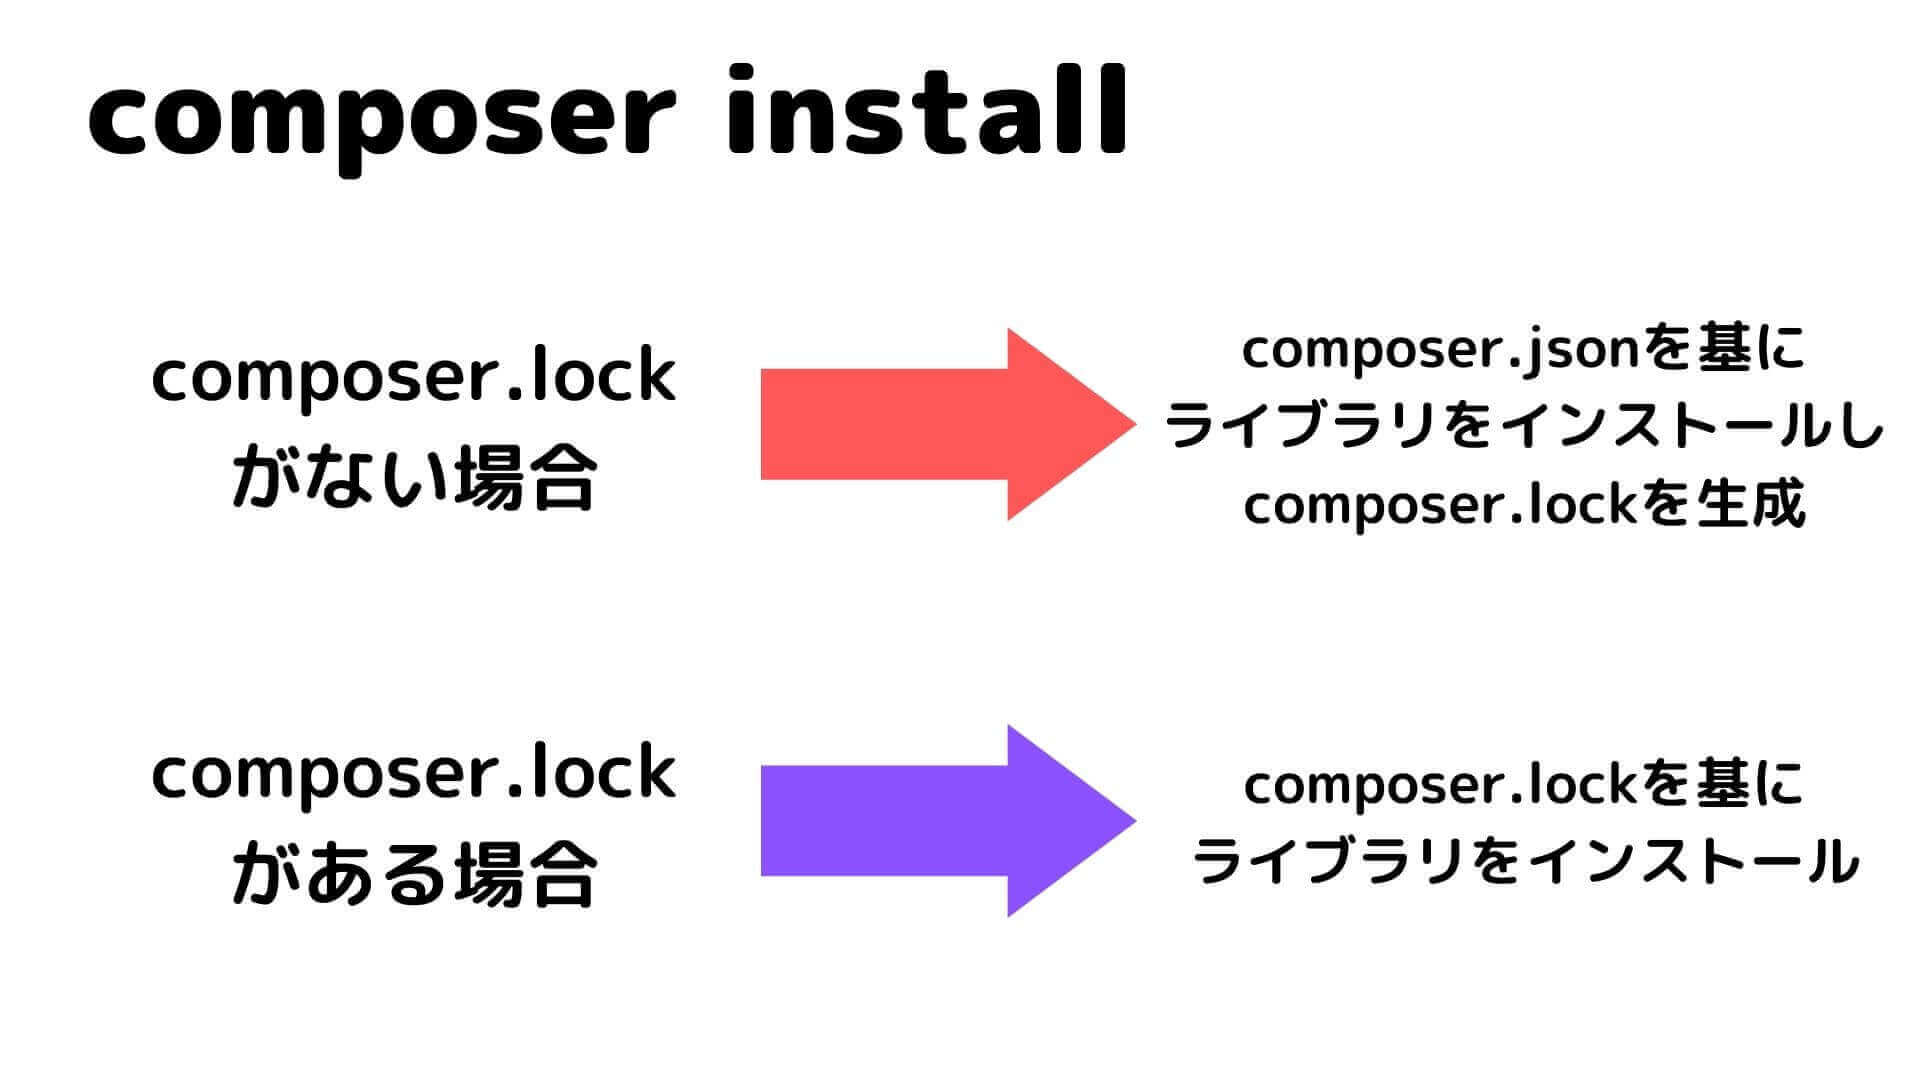 composer.lockの有無によるcomposer installの挙動の違い